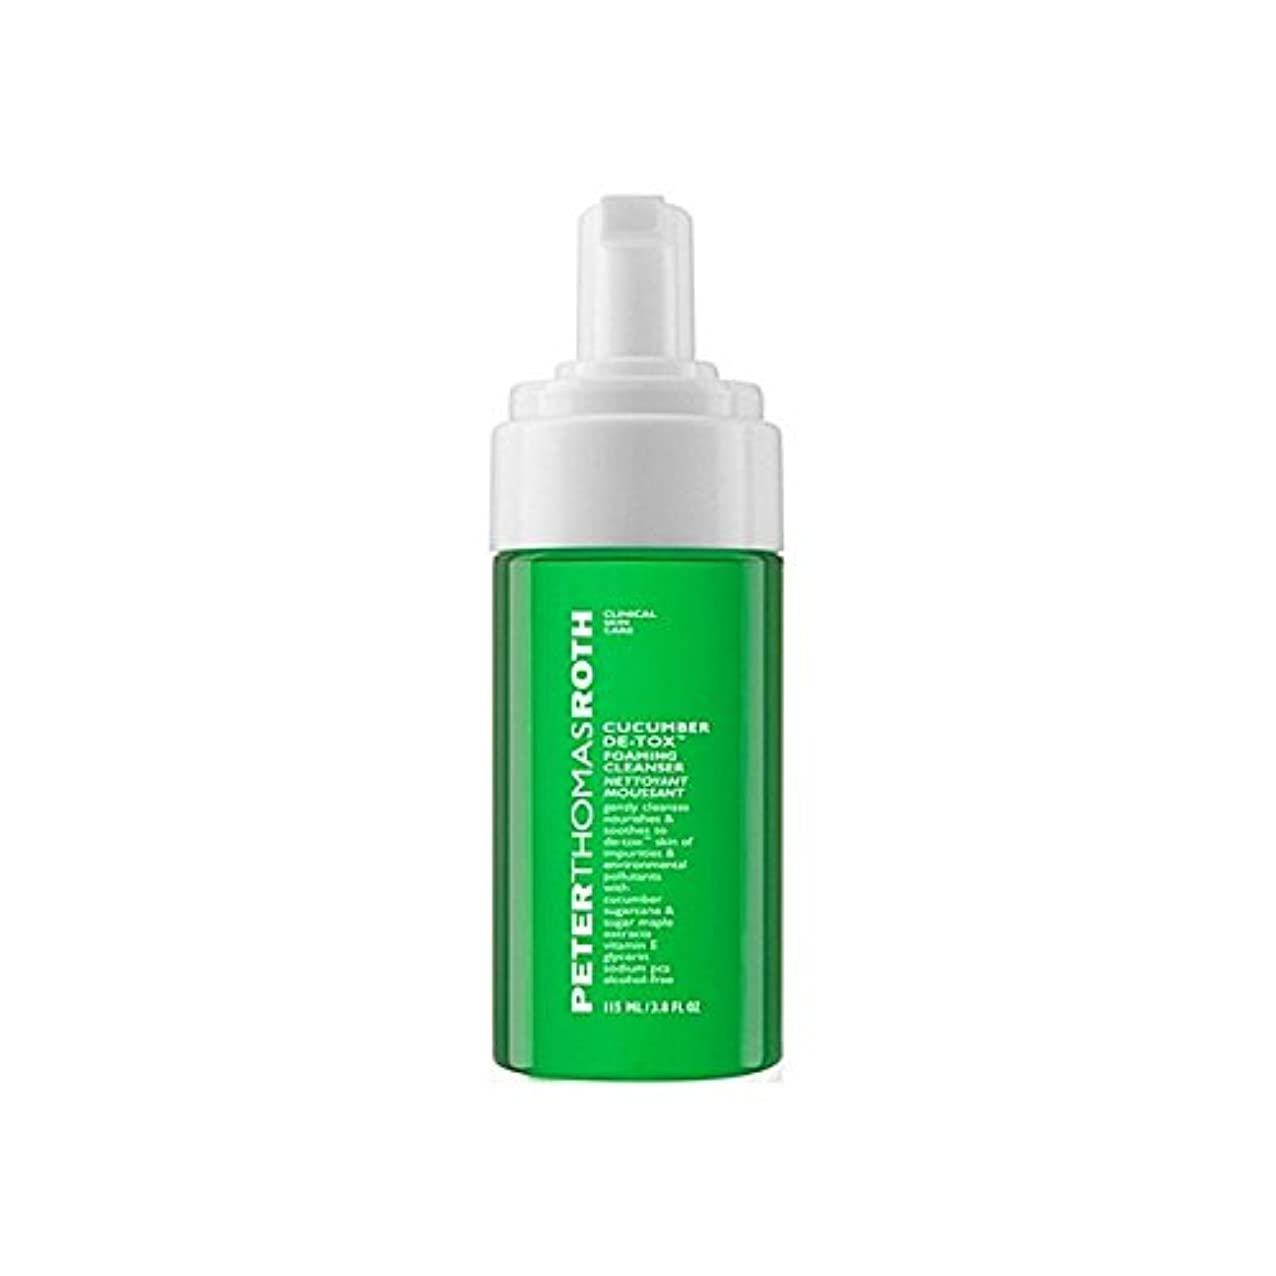 発音するに対応する最後にピータートーマスロスキュウリデ発泡クレンザー x2 - Peter Thomas Roth Cucumber De-Tox Foaming Cleanser (Pack of 2) [並行輸入品]